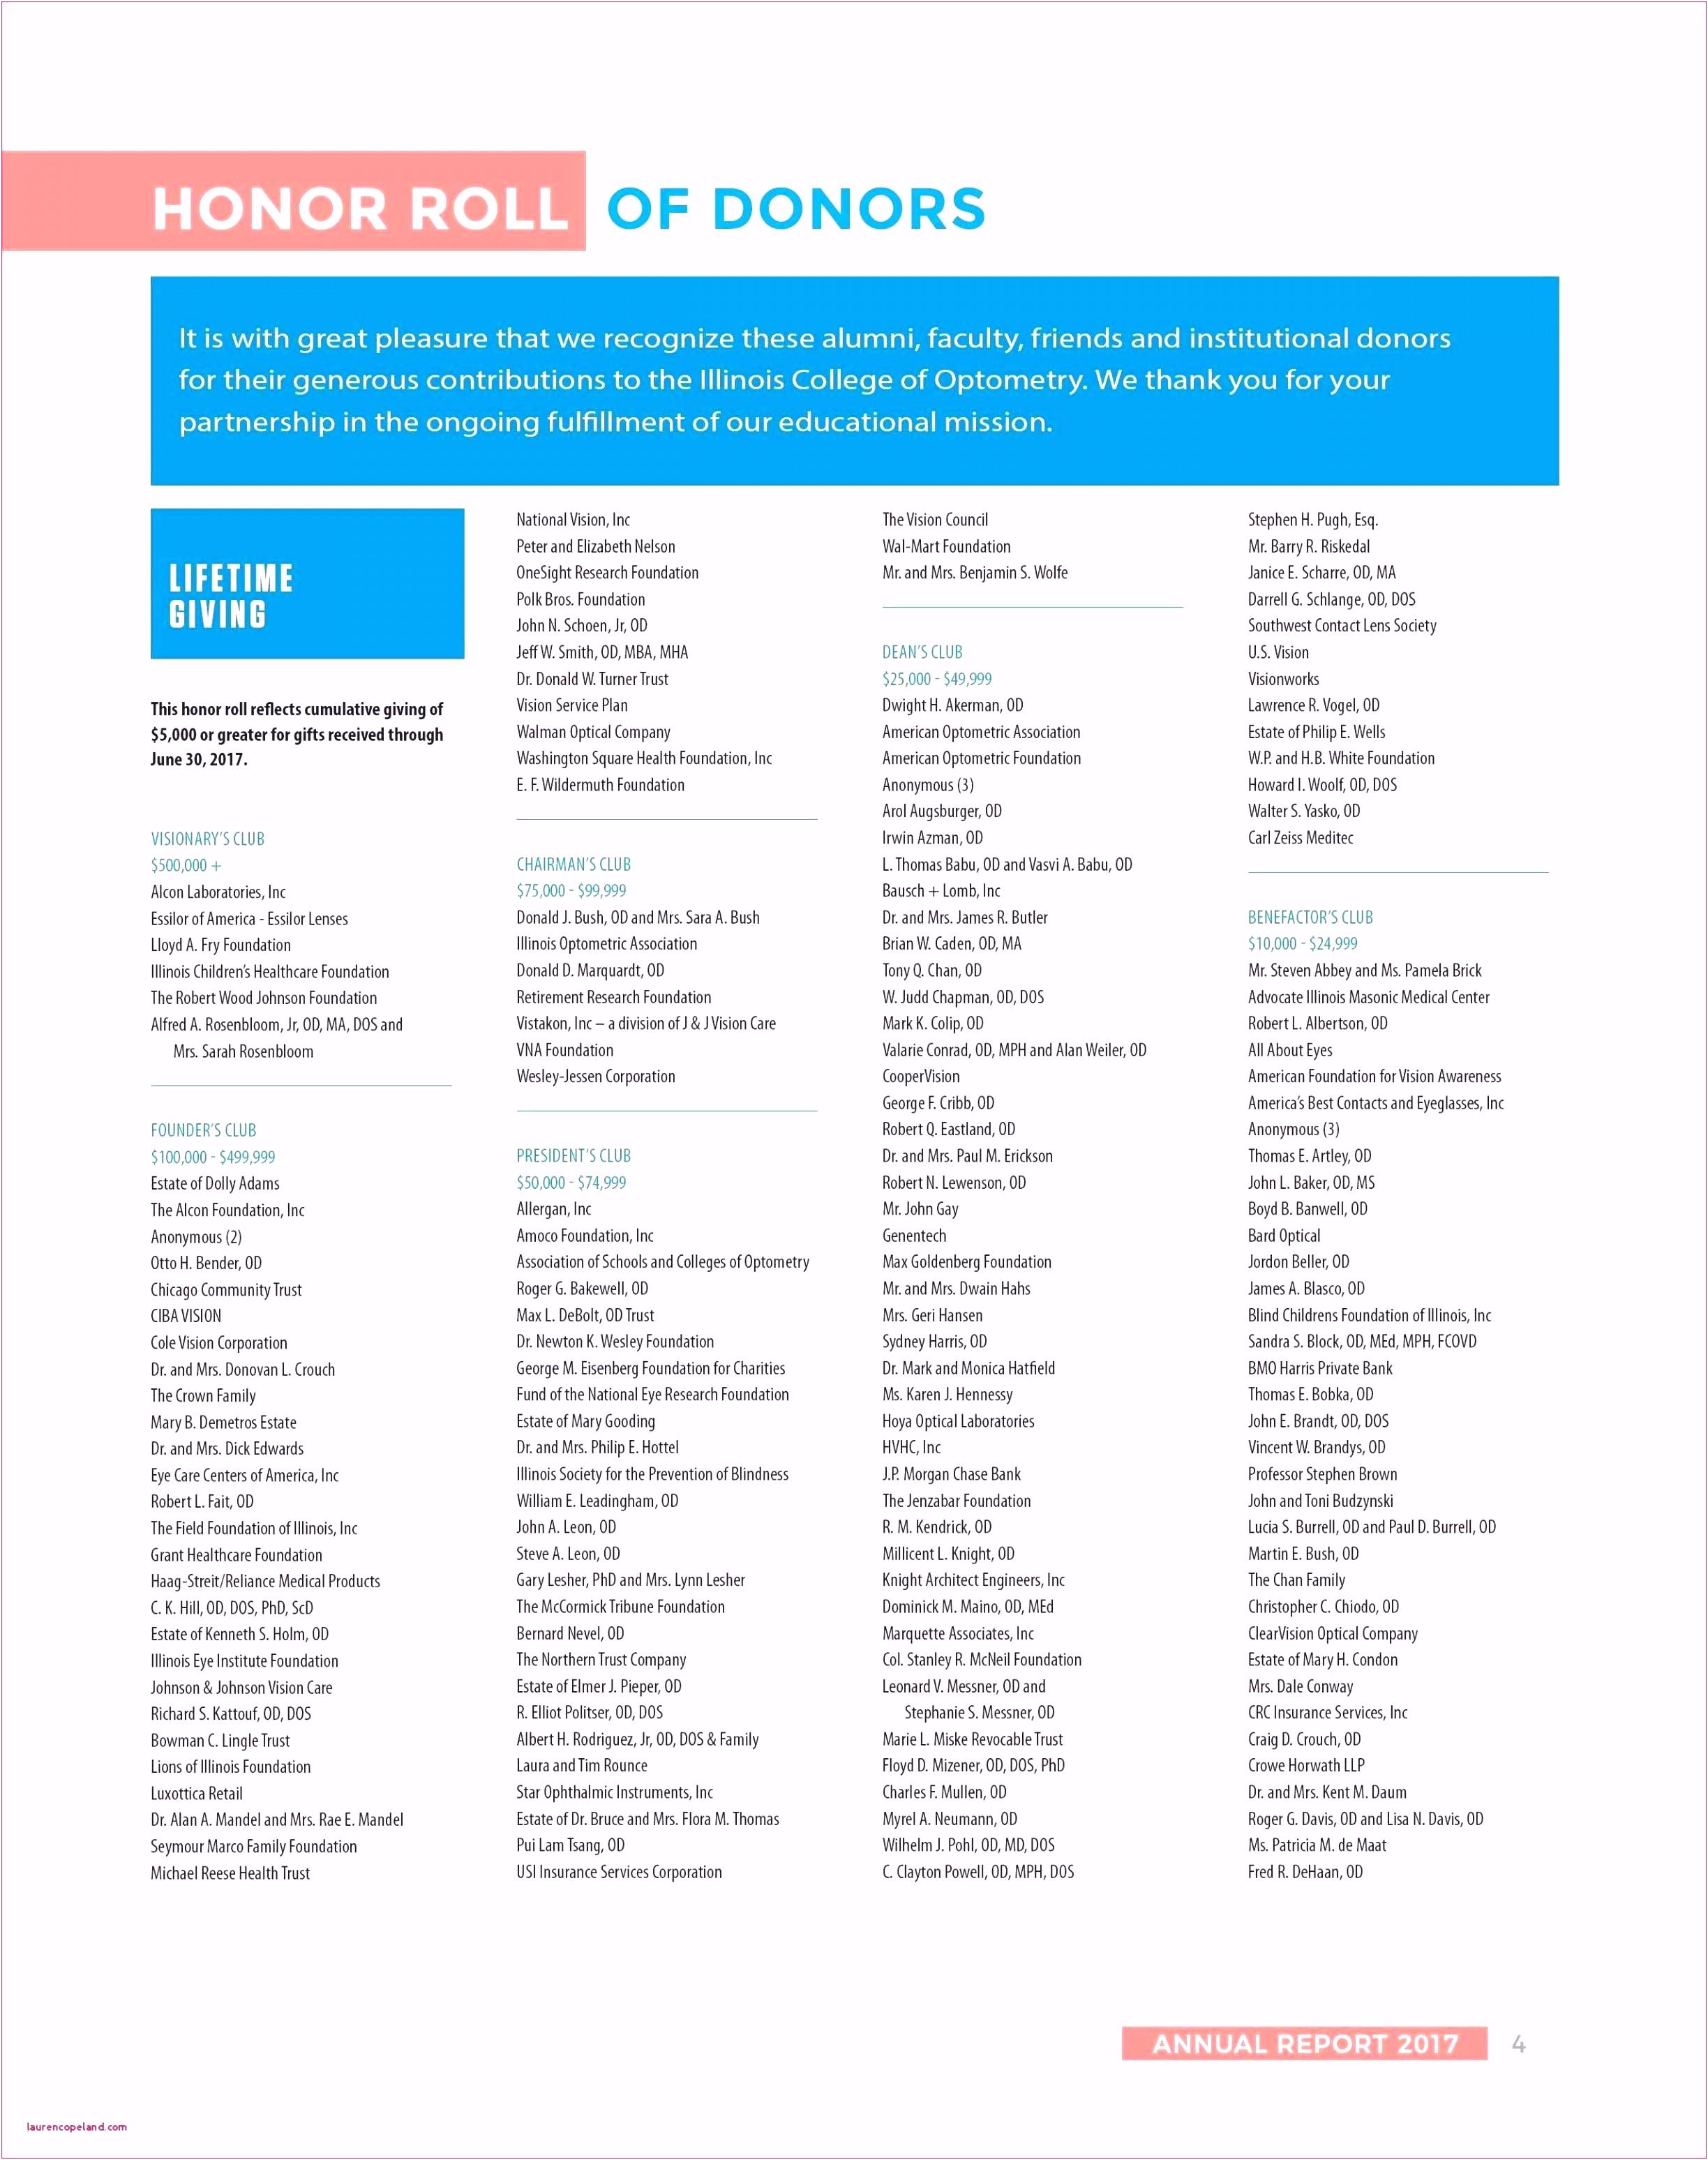 Bewerbung Ausbildung Industriekauffrau Vorlage 25 Editierbar Bewerbung Schreiben Muster Ausbildung I9ot31zkv2 T6yg5selts